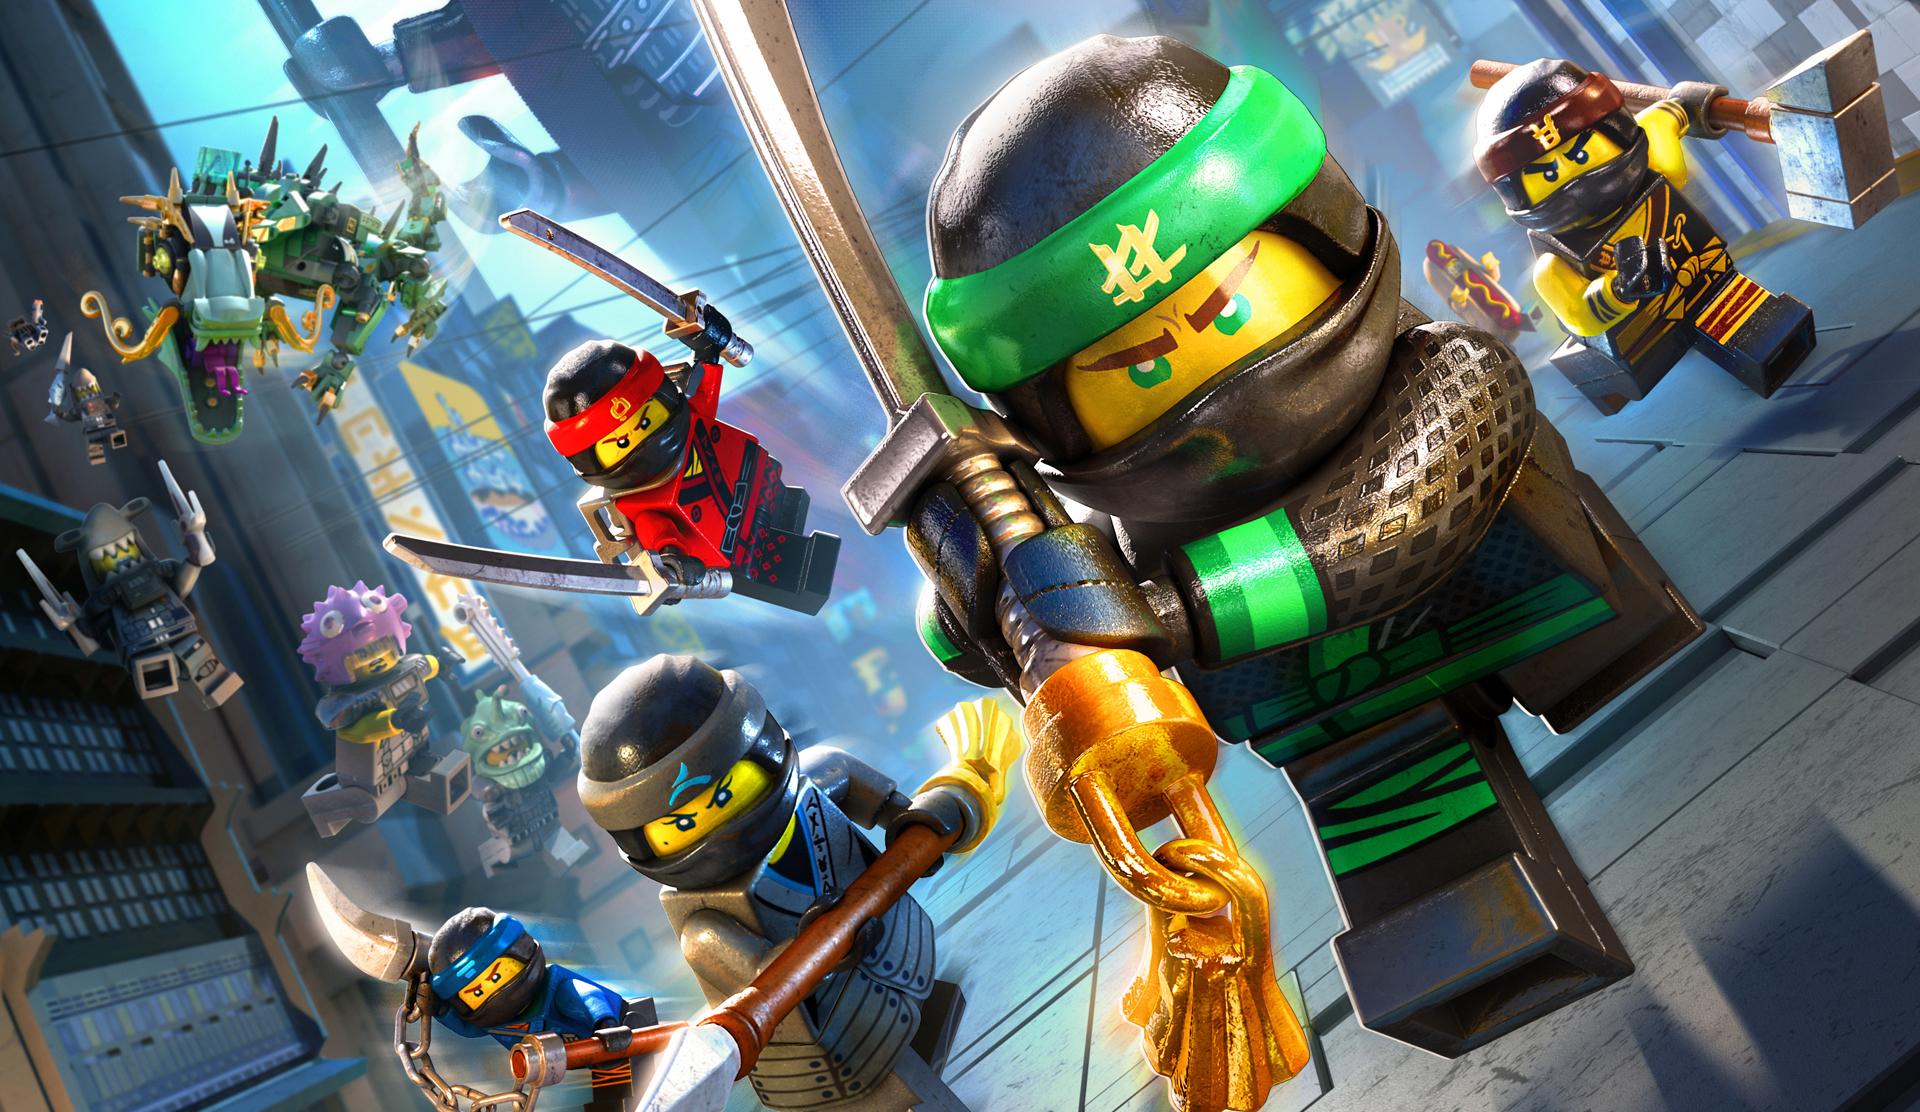 Chacun des membres des Ninjago a ses habiletés et armes particulières dans LEGO Ninjago, le film : le jeu vidéo